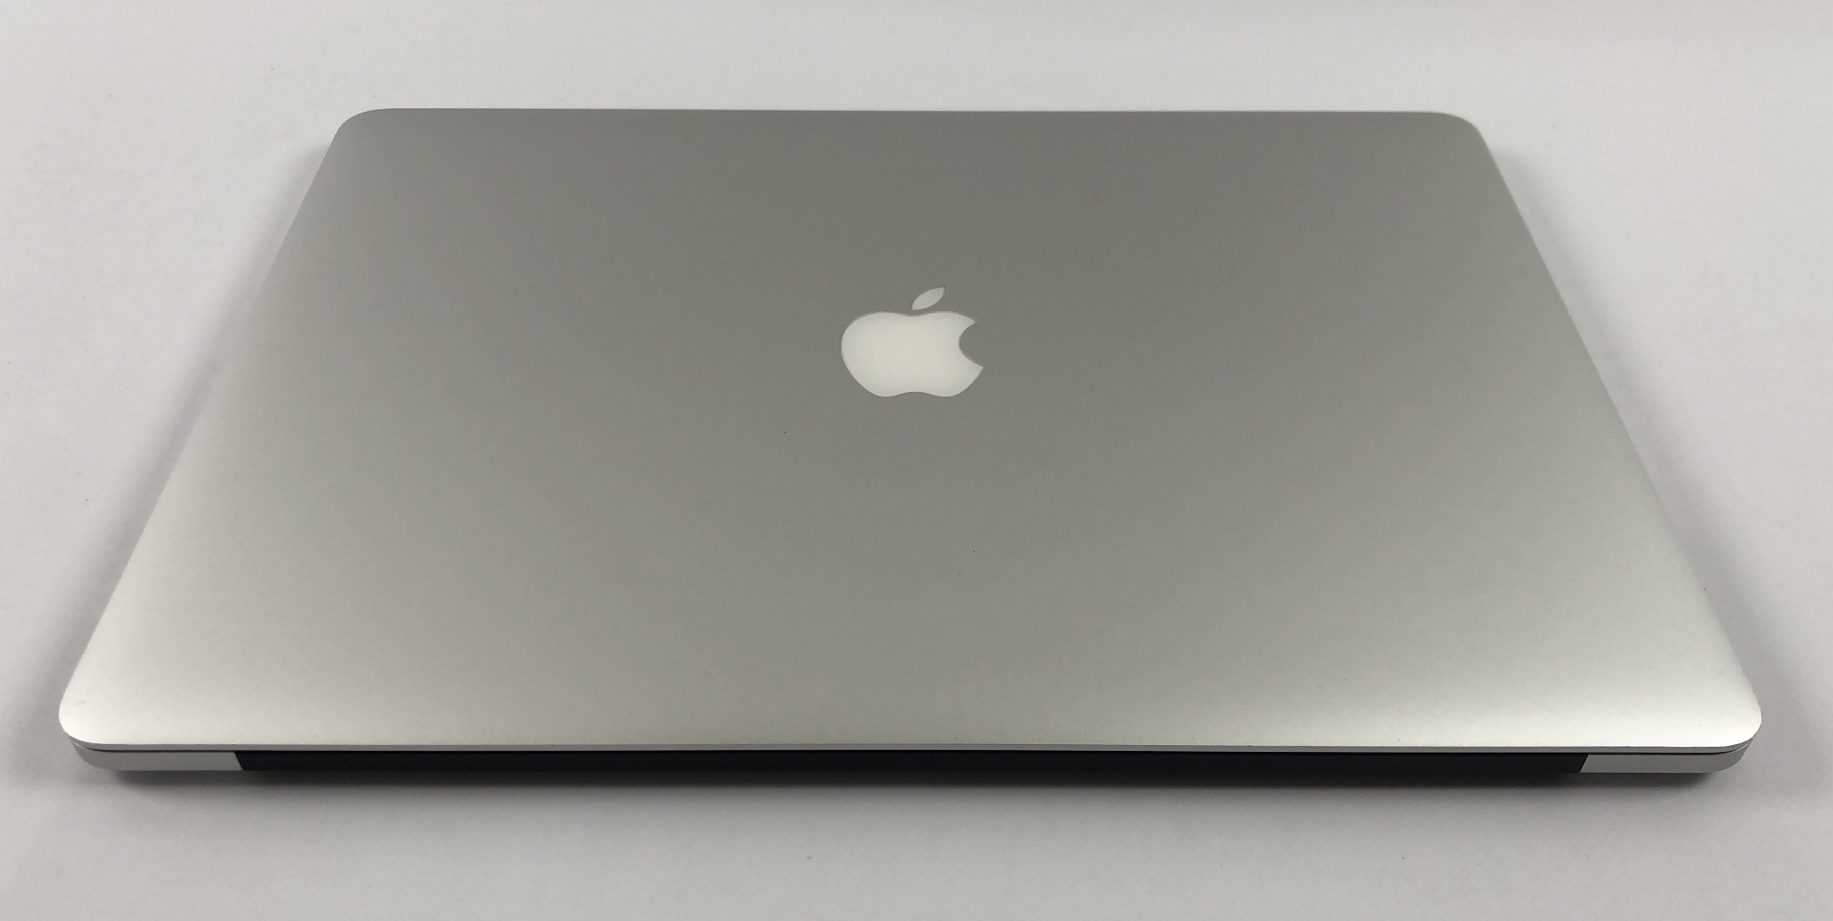 """MacBook Pro Retina 15"""" Mid 2015 (Intel Quad-Core i7 2.8 GHz 16 GB RAM 512 GB SSD), Intel Quad-Core i7 2.8 GHz, 16 GB RAM, 512 GB SSD, bild 2"""